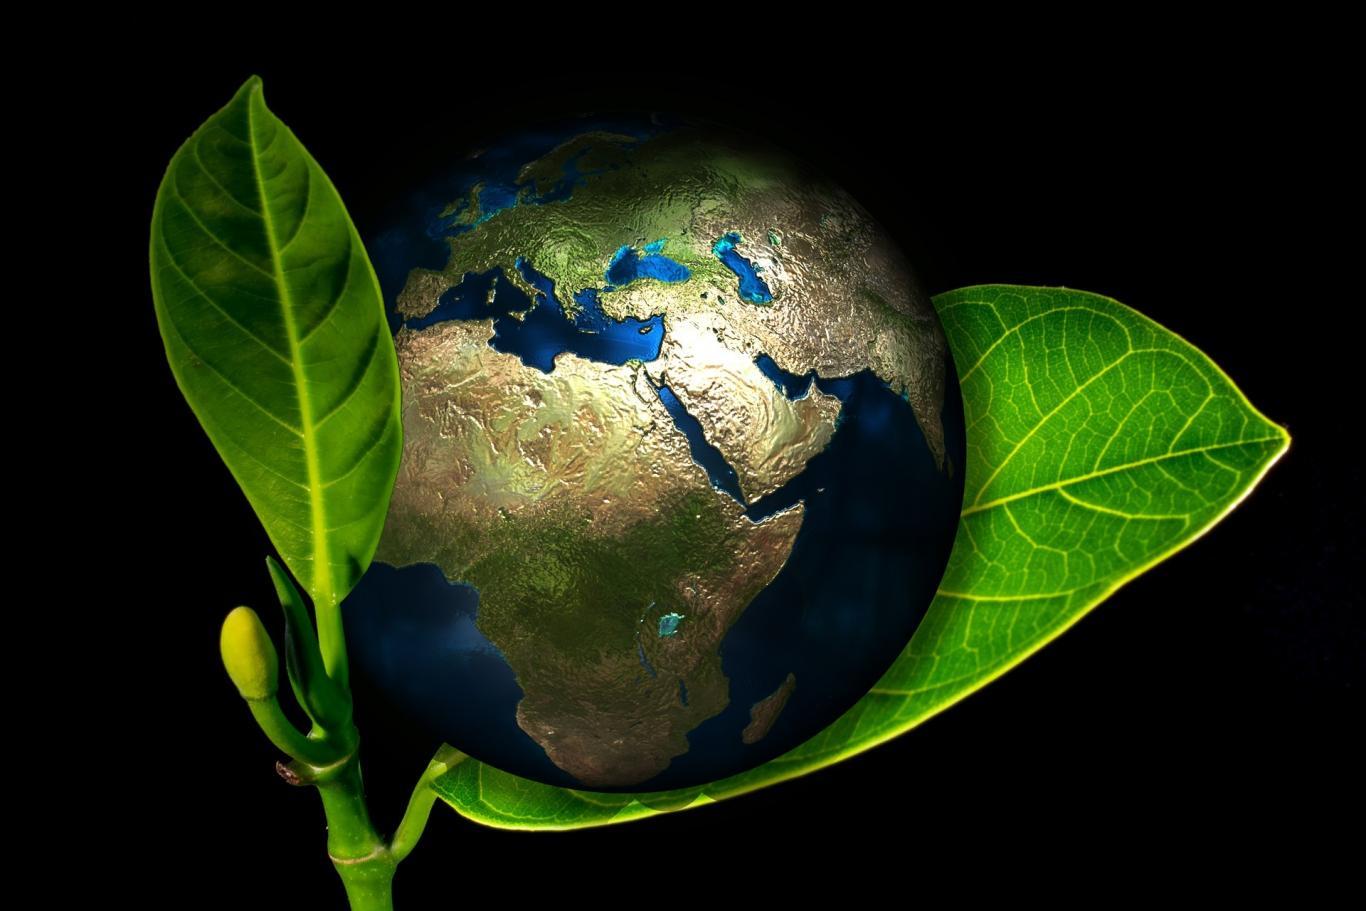 Imagen de una bola del mundo sostenida por una hoja